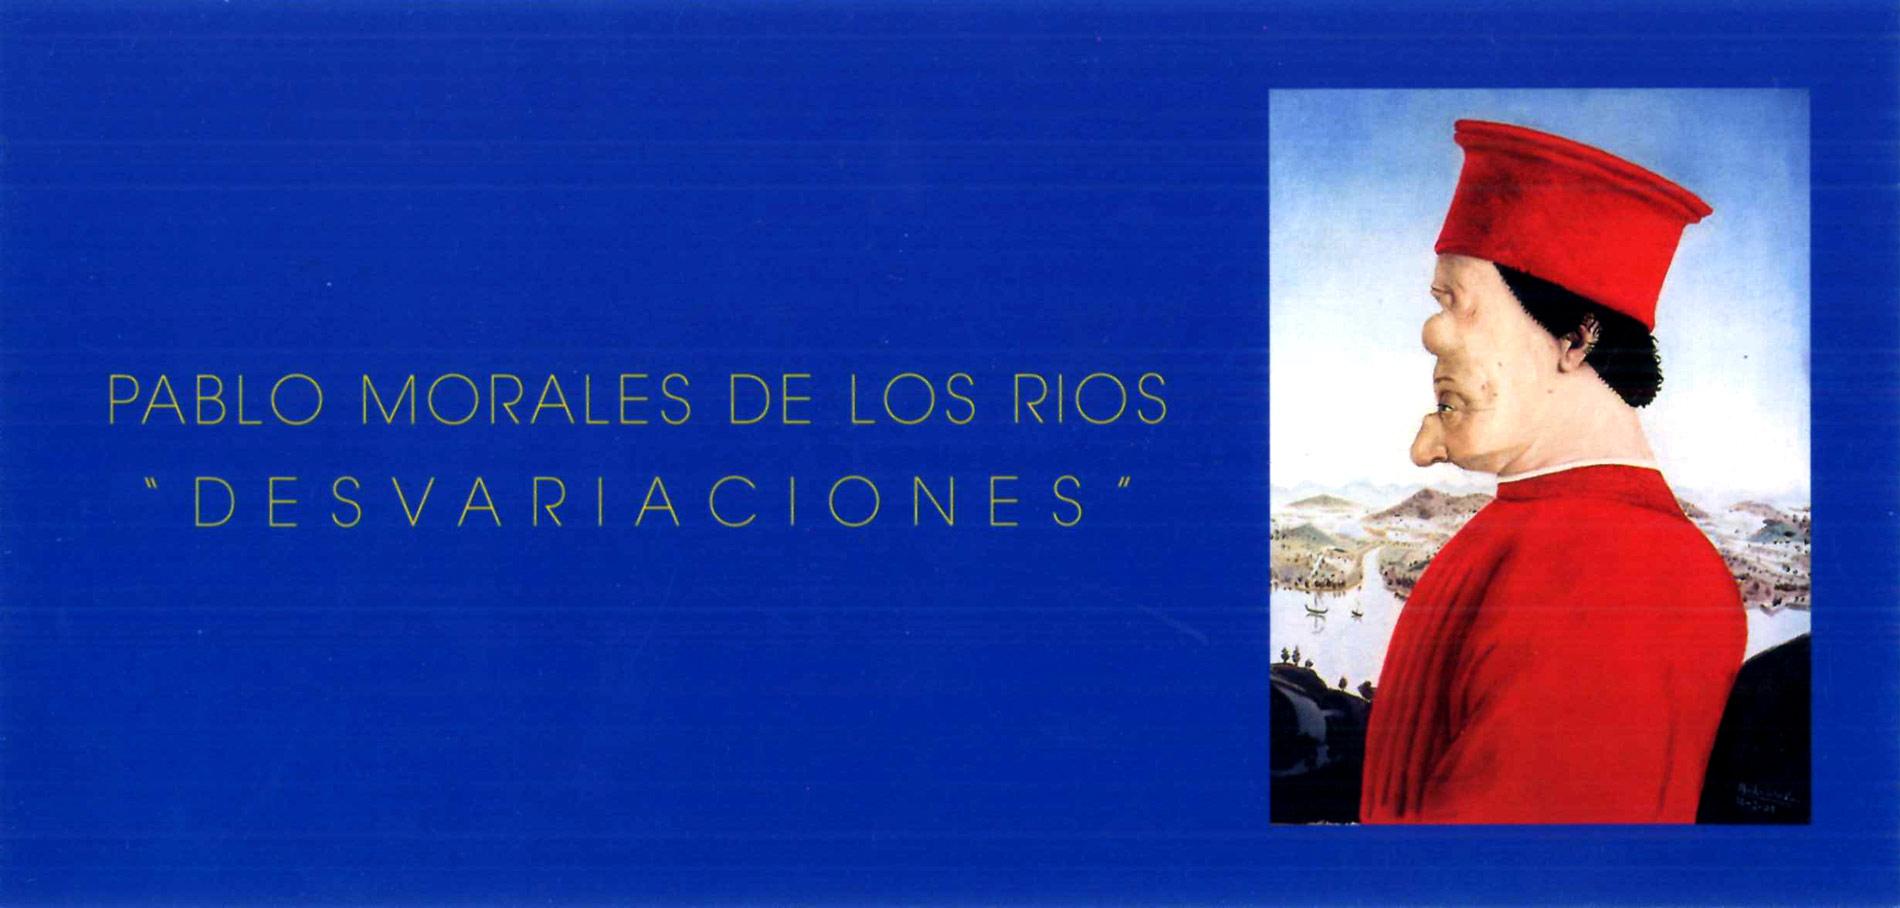 Desvariaciones - Invitación Exposición 2001